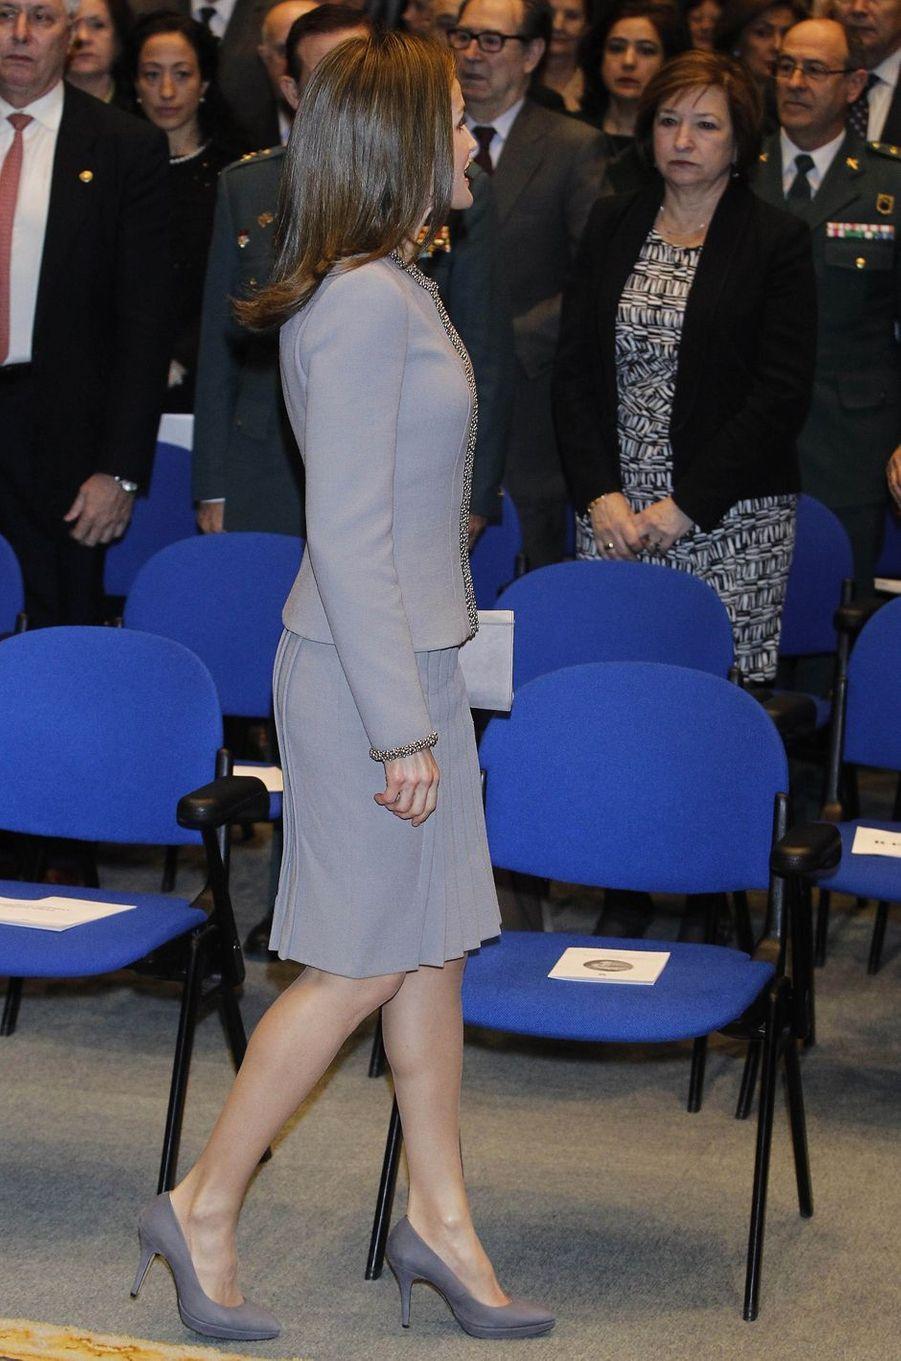 La reine Letizia d'Espagne à Madrid, le 20 janvier 2017